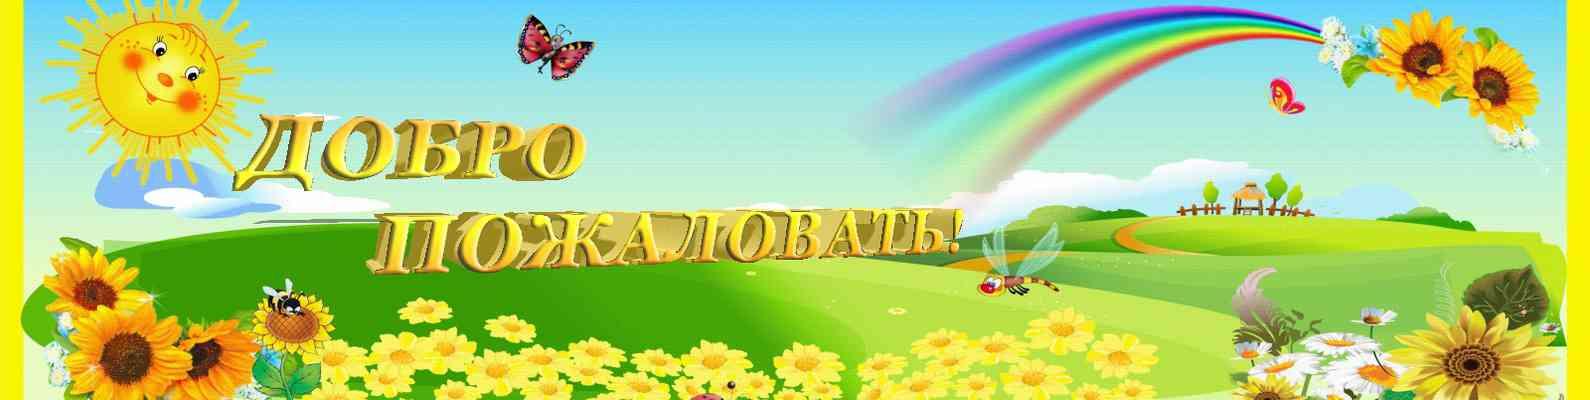 Муниципальное бюджетное дошкольное образовательное учреждение «Детский сад комбинированного вида №22 «Солнышко» города Мичуринска Тамбовской области